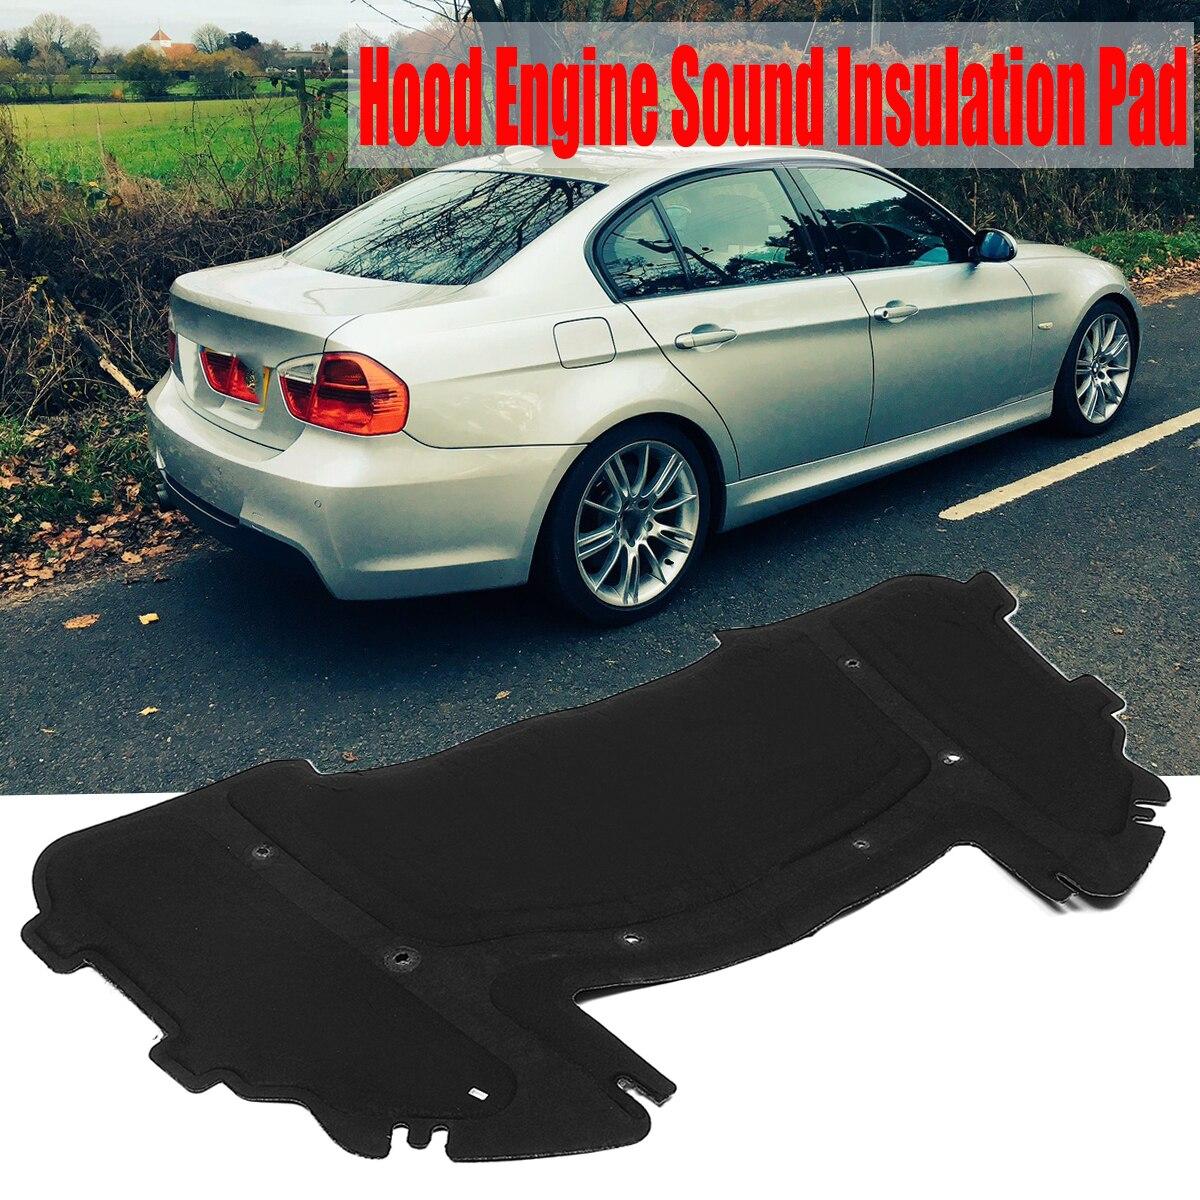 Capot de voiture moteur isolation acoustique Pad pare-feu chaleur tapis Deadener Deadener pour BMW E90 E91 E92 E93 323i 325i 51487059260